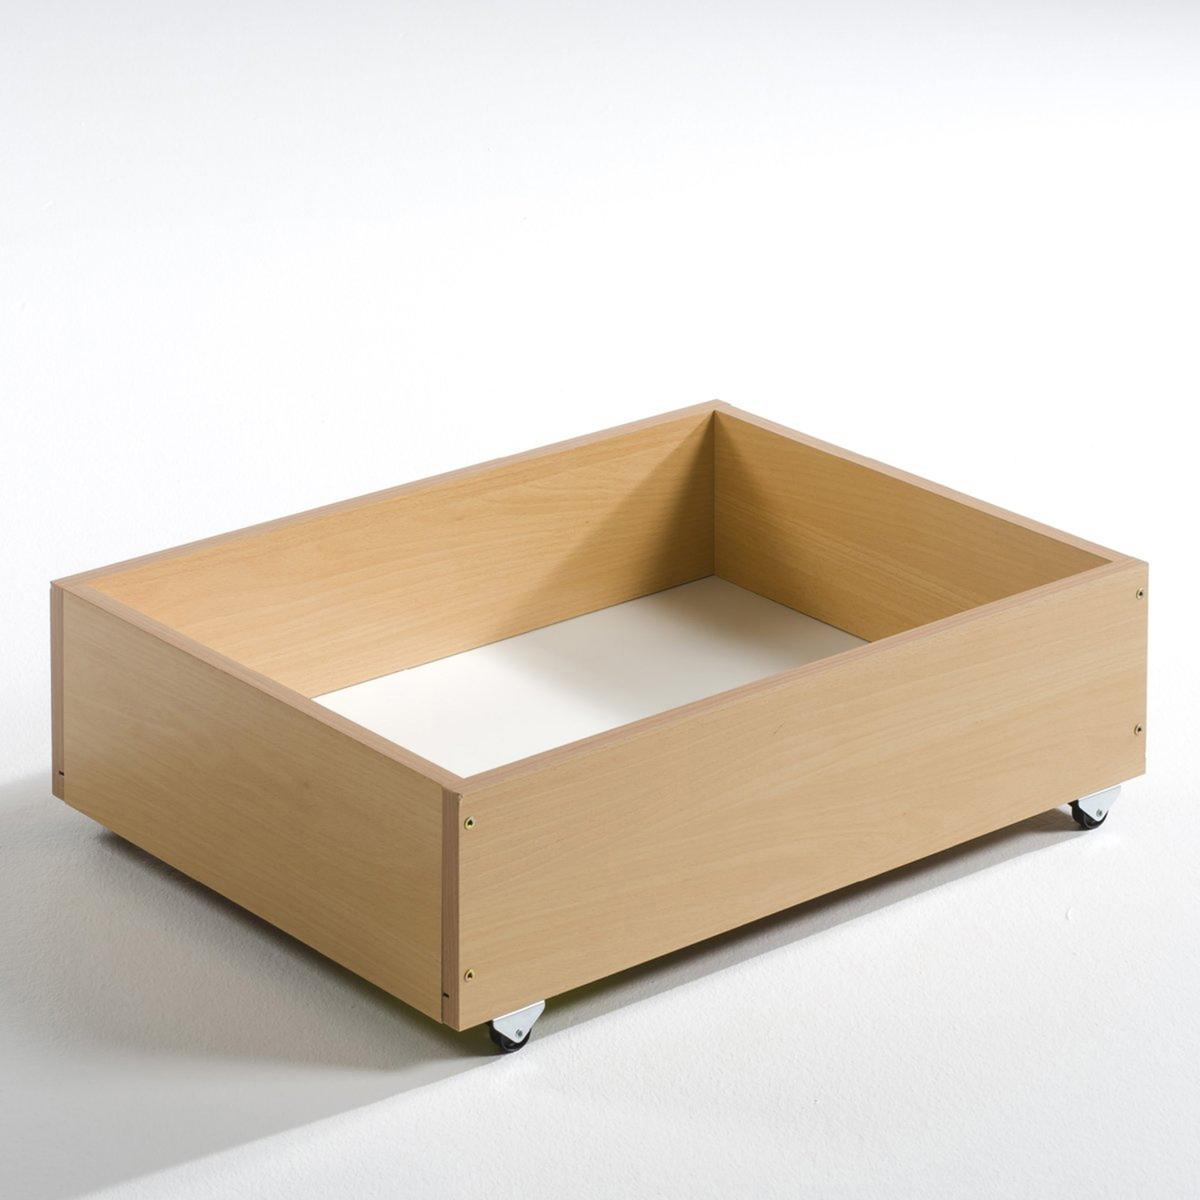 Ящик для хранения BZ из бука, 90 смРазмеры ящика для хранения под диваном BZ :Высота : 13 смГлубина : 56 см.Ширина внутри : 41 смОписание ящика для хранения под диваном BZ :специально создан для удобного хранения под диваном BZ и экипирован колесами.Характеристики ящика для хранения под диваном BZ :Выполнен из ДСП.Другие модели коллекции BZ вы можете найти на сайте laredoute.ruРазмеры и вес упаковки :1 упаковкаШ.73 x В.3,5 x Г.61 см, 5 кгДоставка:Доставка на этаж по предварительной записи!Внимание!Убедитесь в том, что размеры дверей, лестниц,лифтов позволяют доставить товар в упаковке до квартиры.<br><br>Цвет: светлое дерево бук